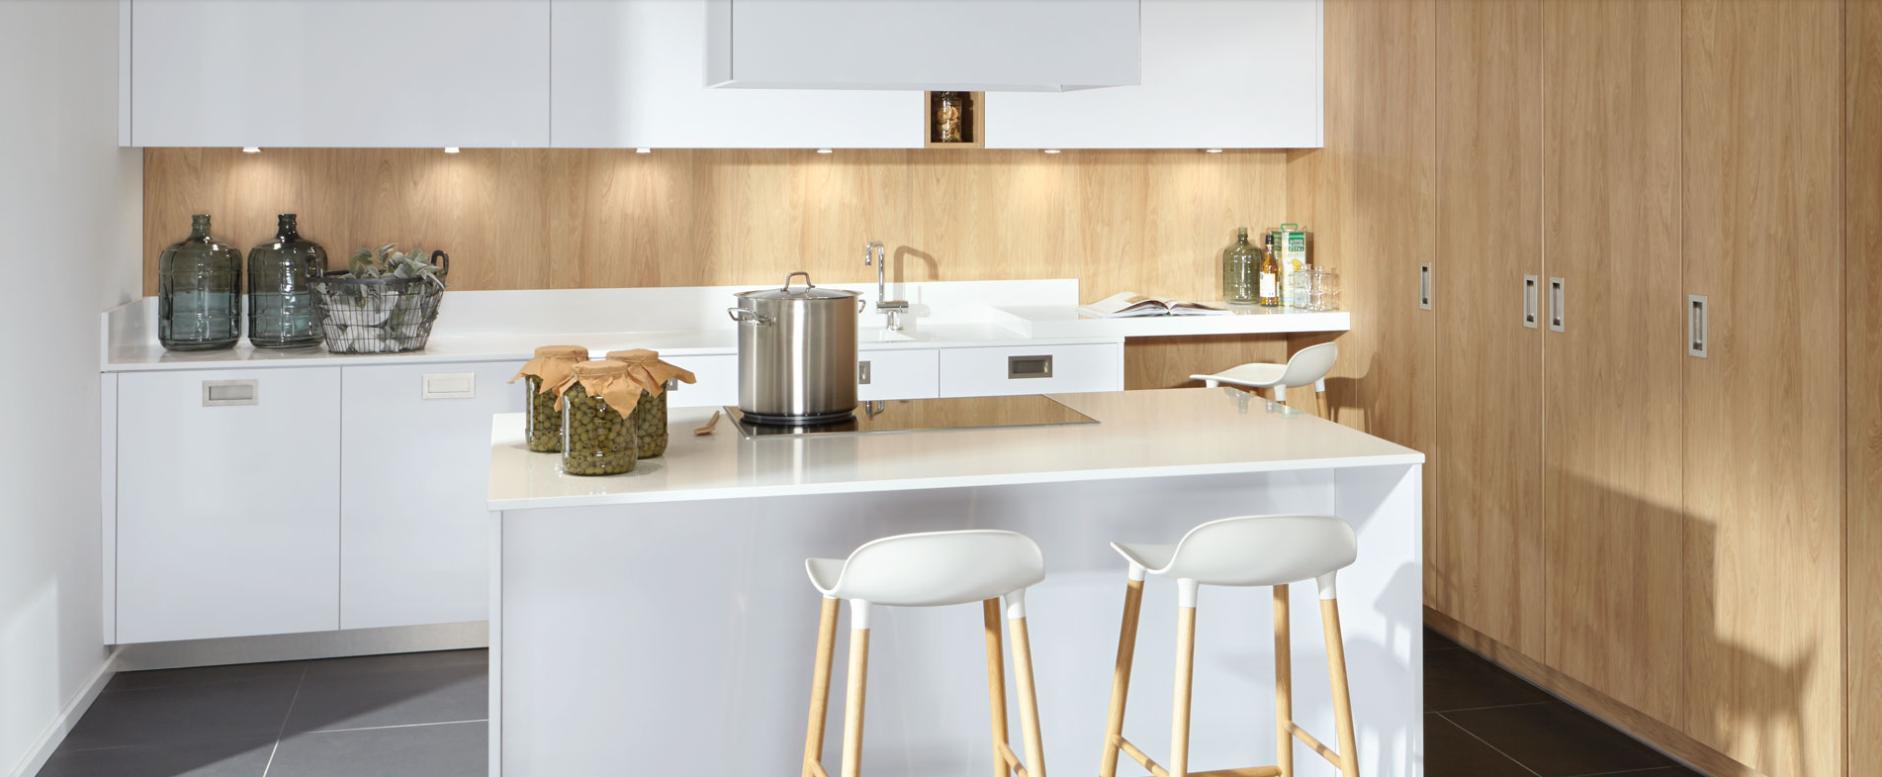 BEECK Küchen 20  Test, Preise, Qualität, Musterküchen